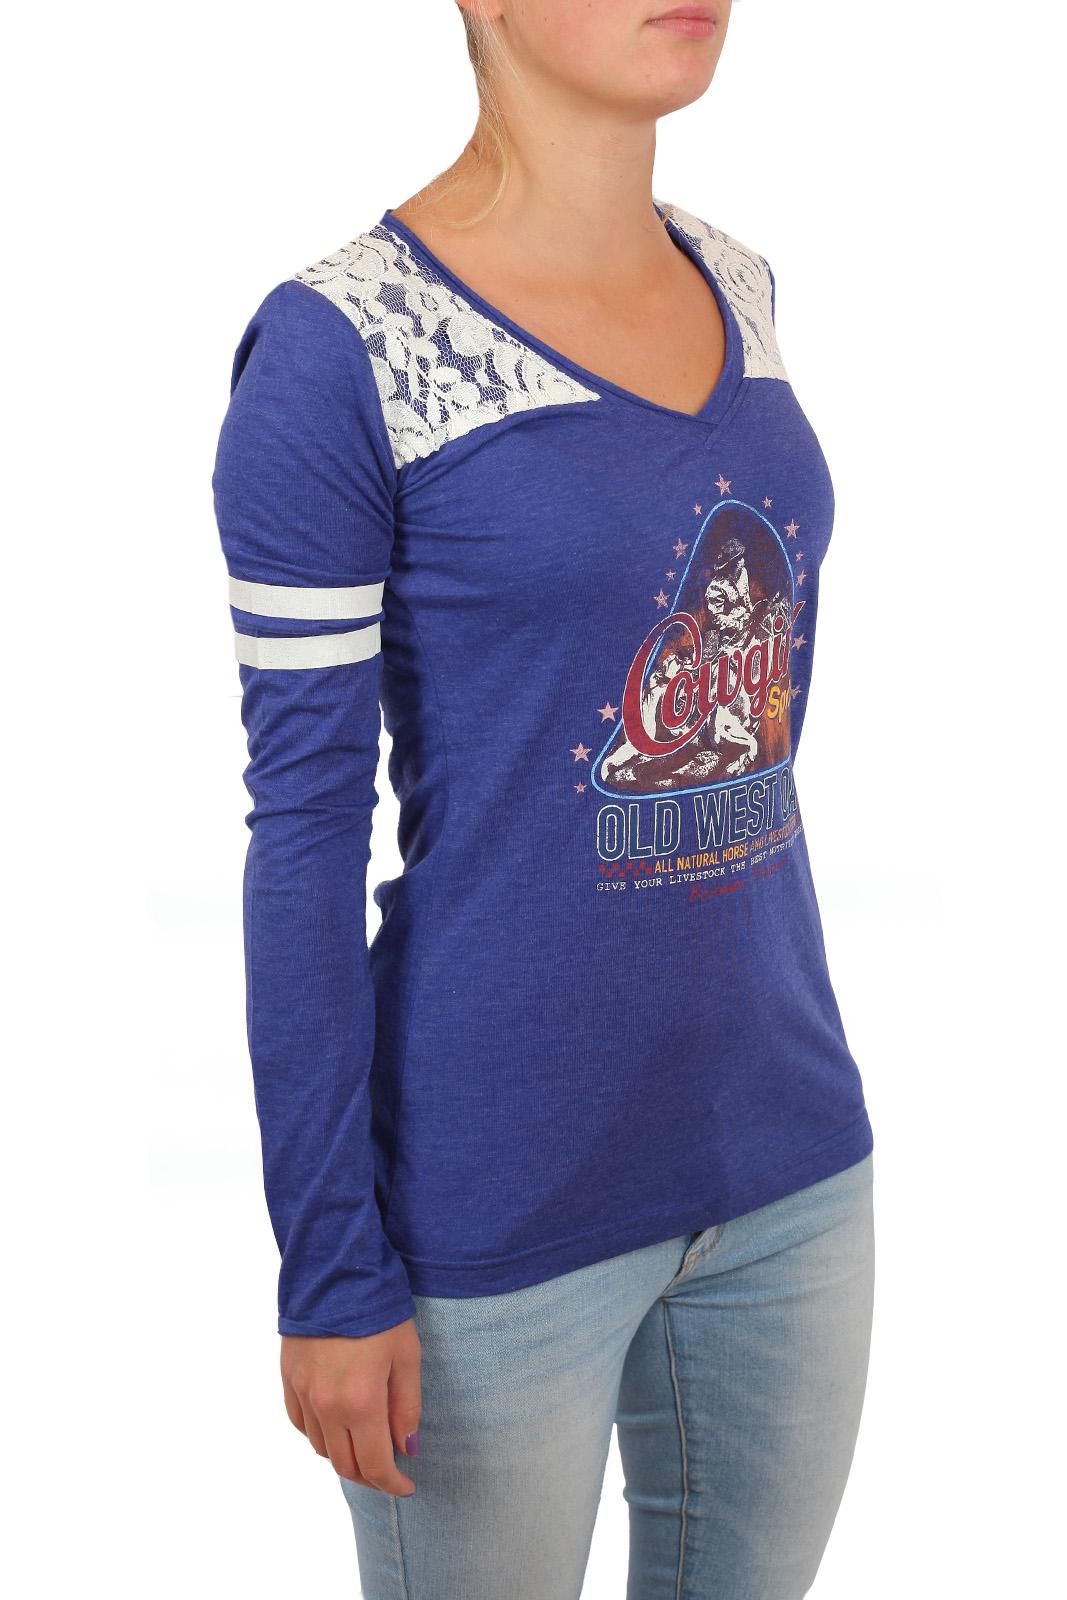 Яркий реглан для девушек, которые привыкли быть в центре внимания. Бренд Panhandle гарантирует стиль и качество, а наш магазин – низкие цены!